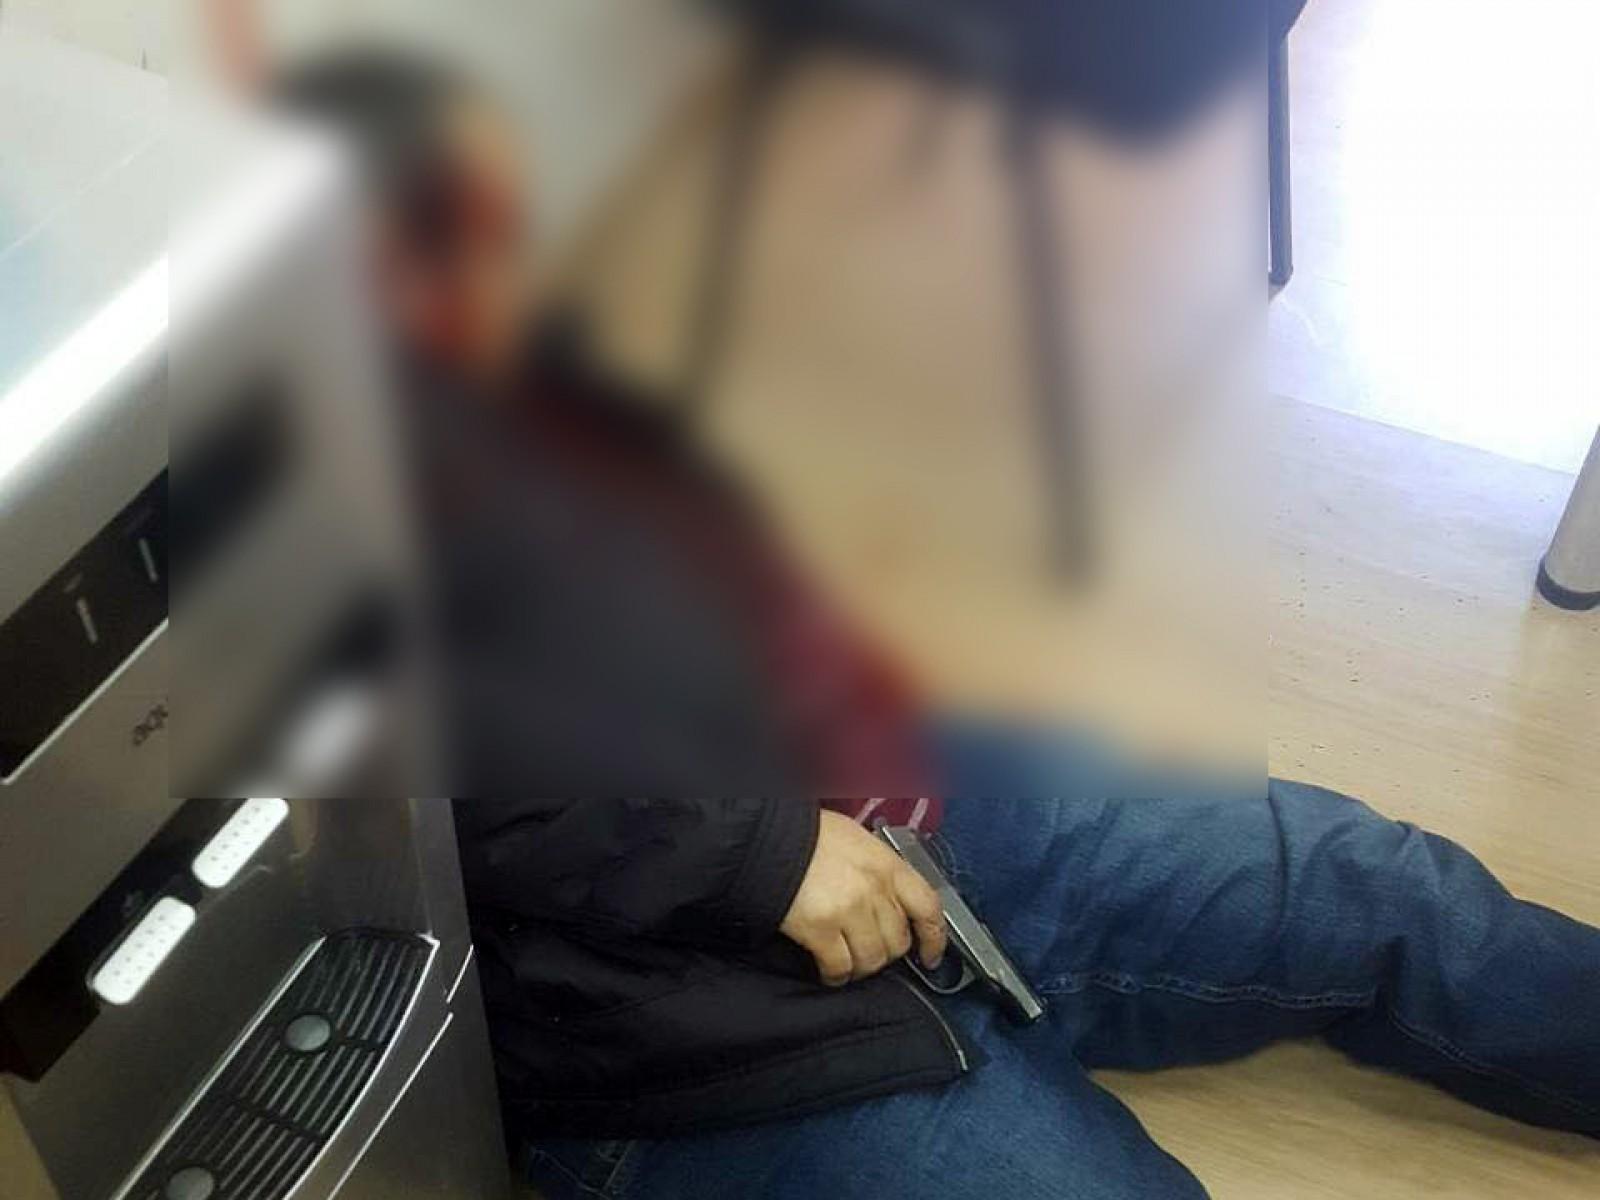 (video/update) Un bărbat s-a împușcat în sediul unei companii de creditare: Avea datorii de 12 mii de dolari